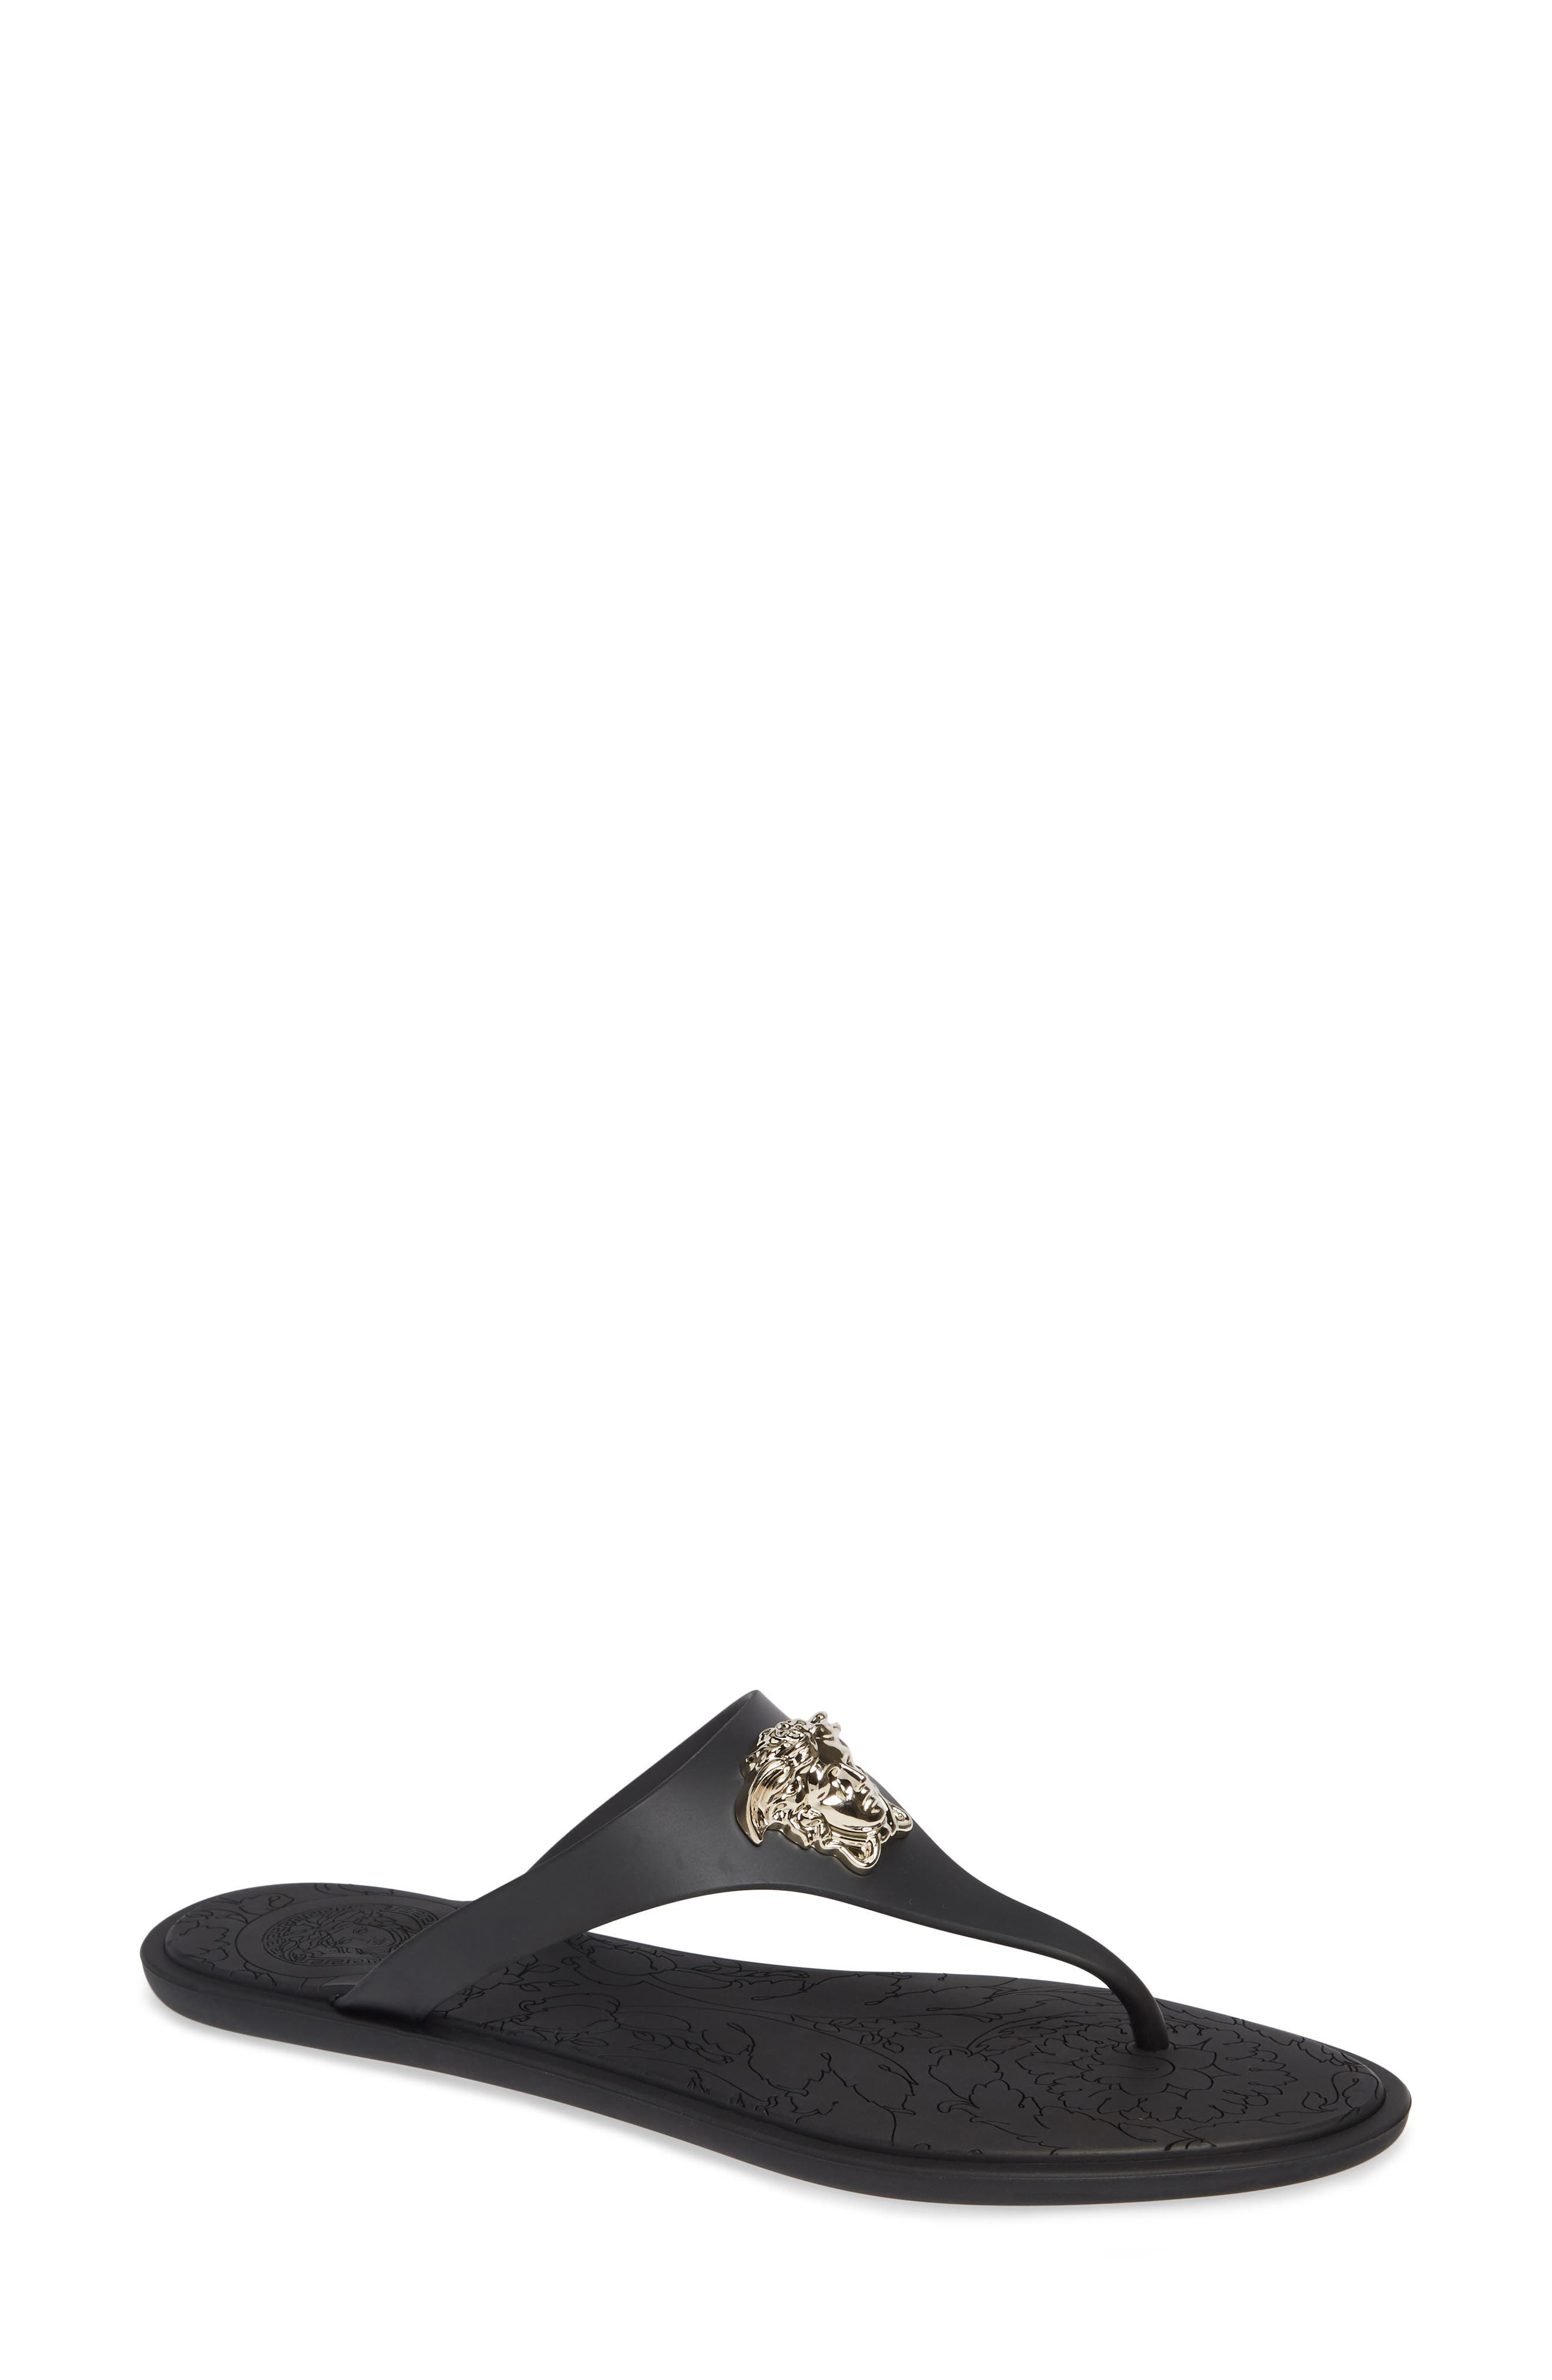 Women's Versace Sandals and Flip-Flops